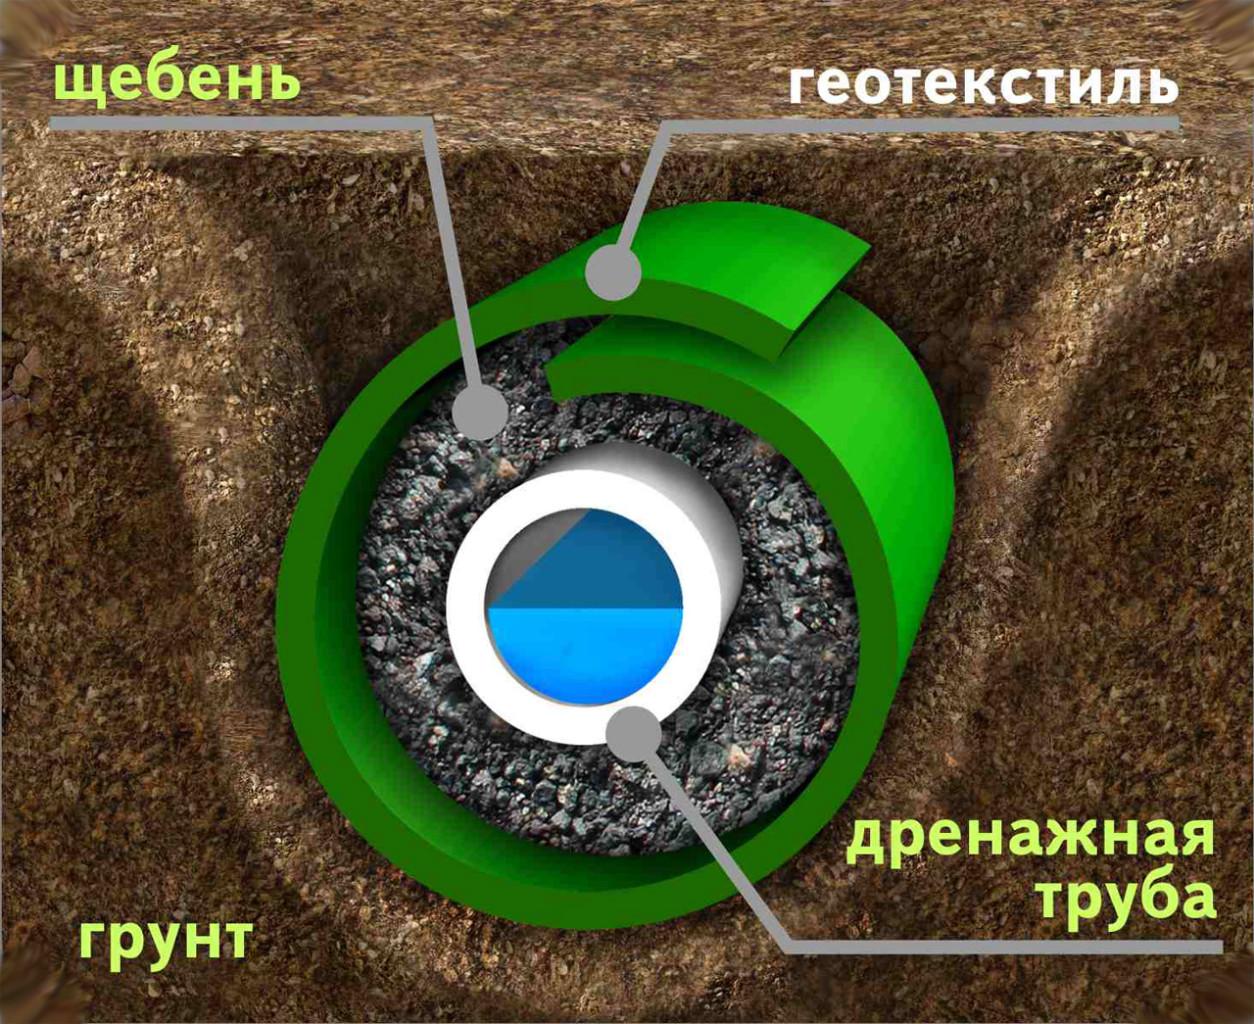 ustrojstvo-drenazha-foto-video-drenazhnye-sistemy-dlya-otvoda-vod-4